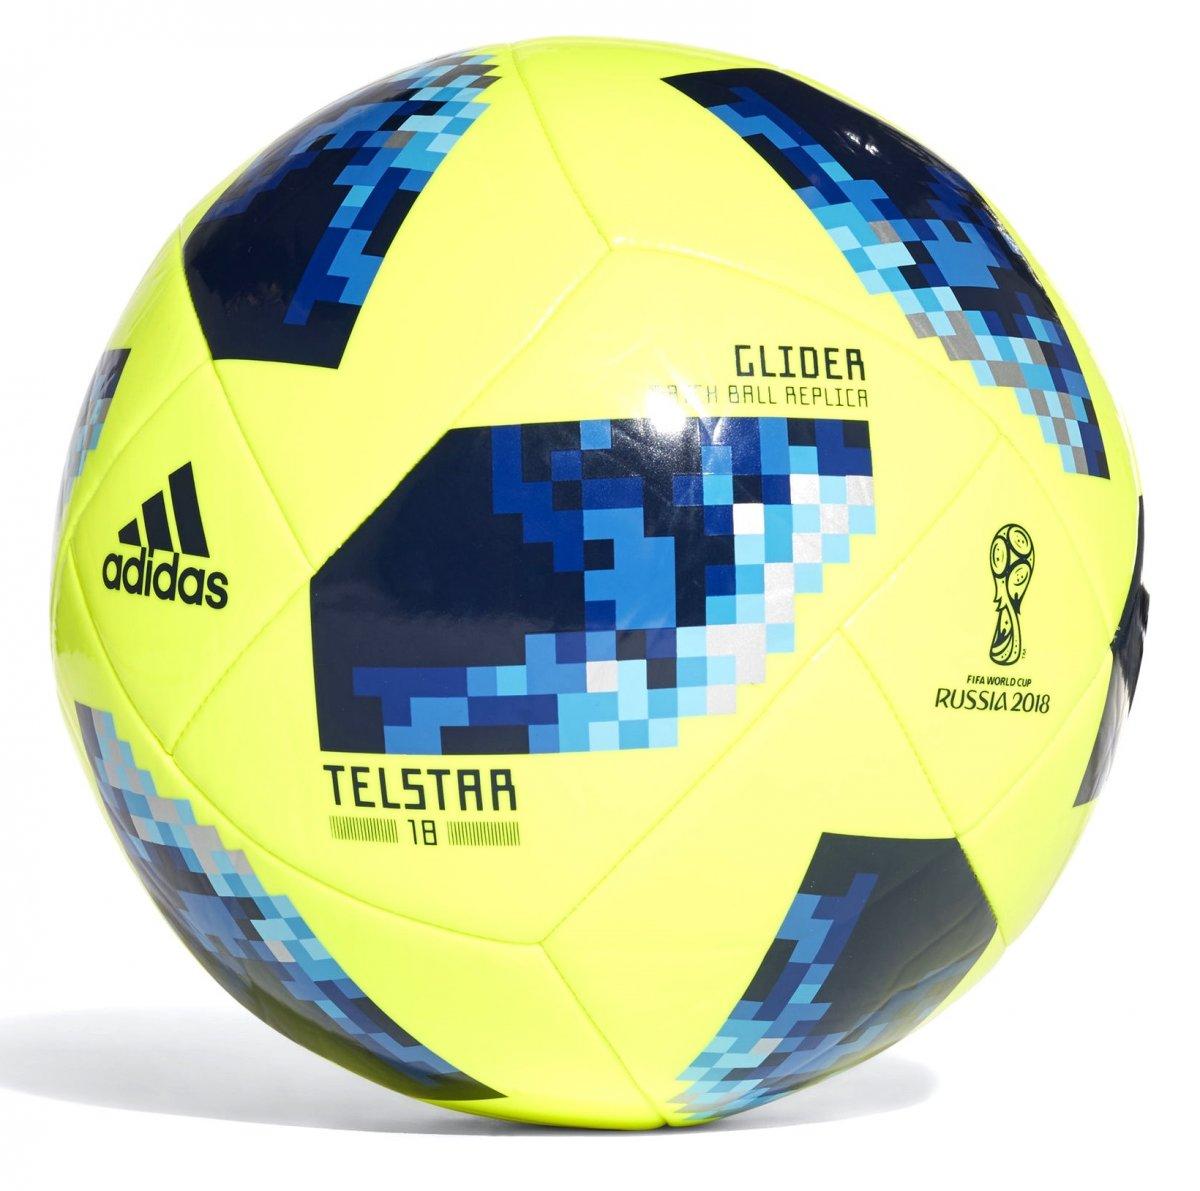 Bola Adidas Glider FIFA World Cup 2018 CE8097 76e2e808915c6